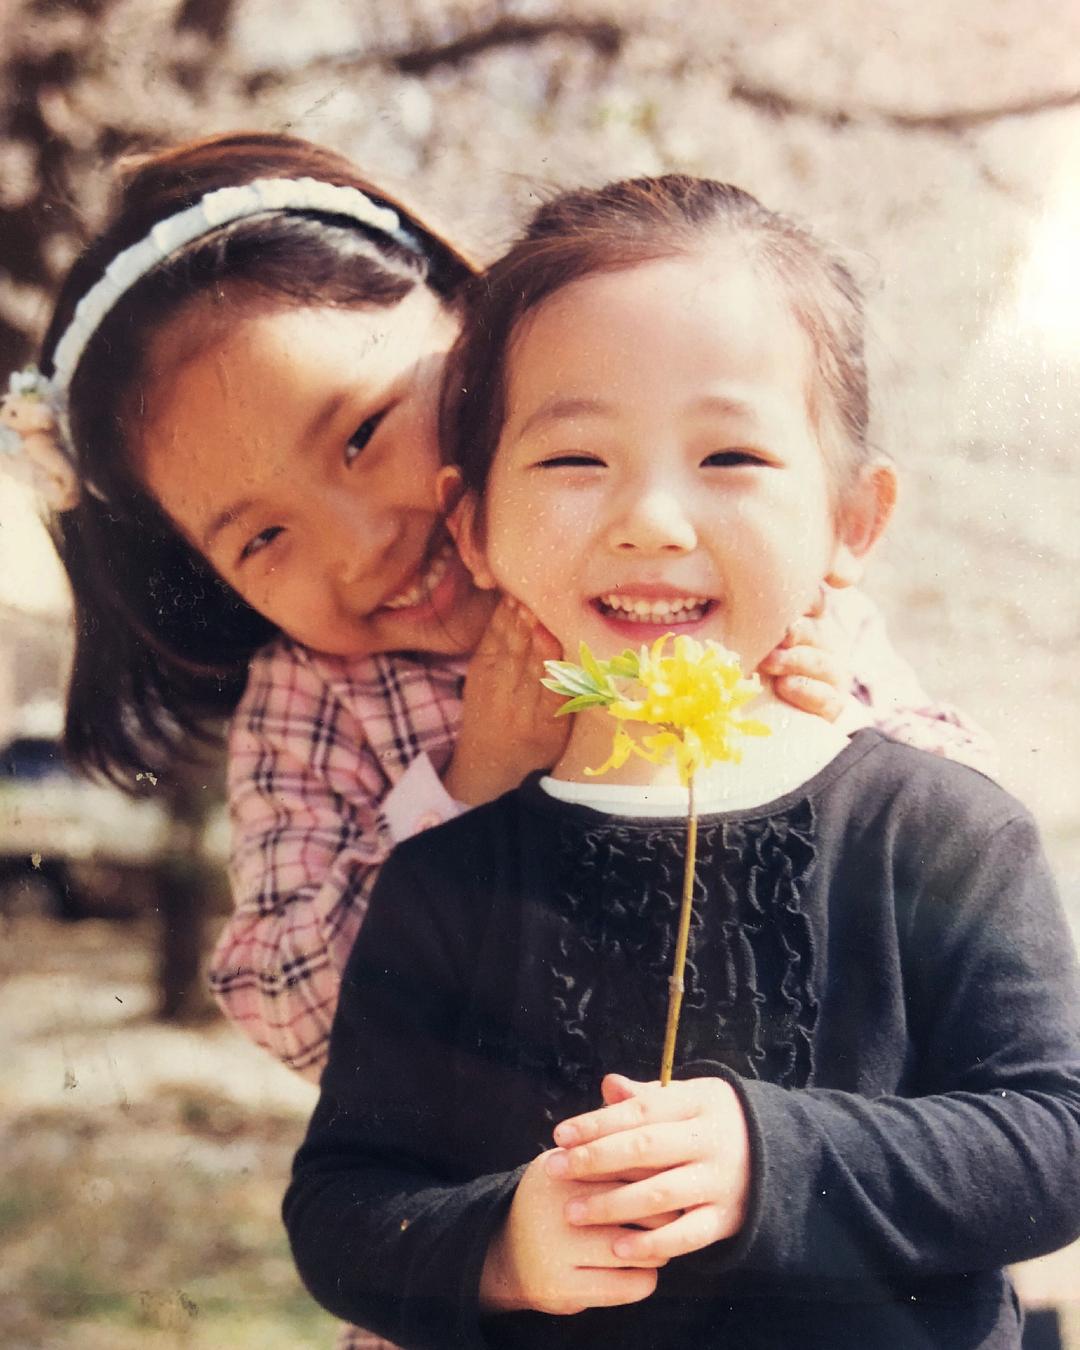 秀智+雪莉+雪莉?因为明星脸这位韩国大学生爆红,进军演艺圈指日可待!插图11